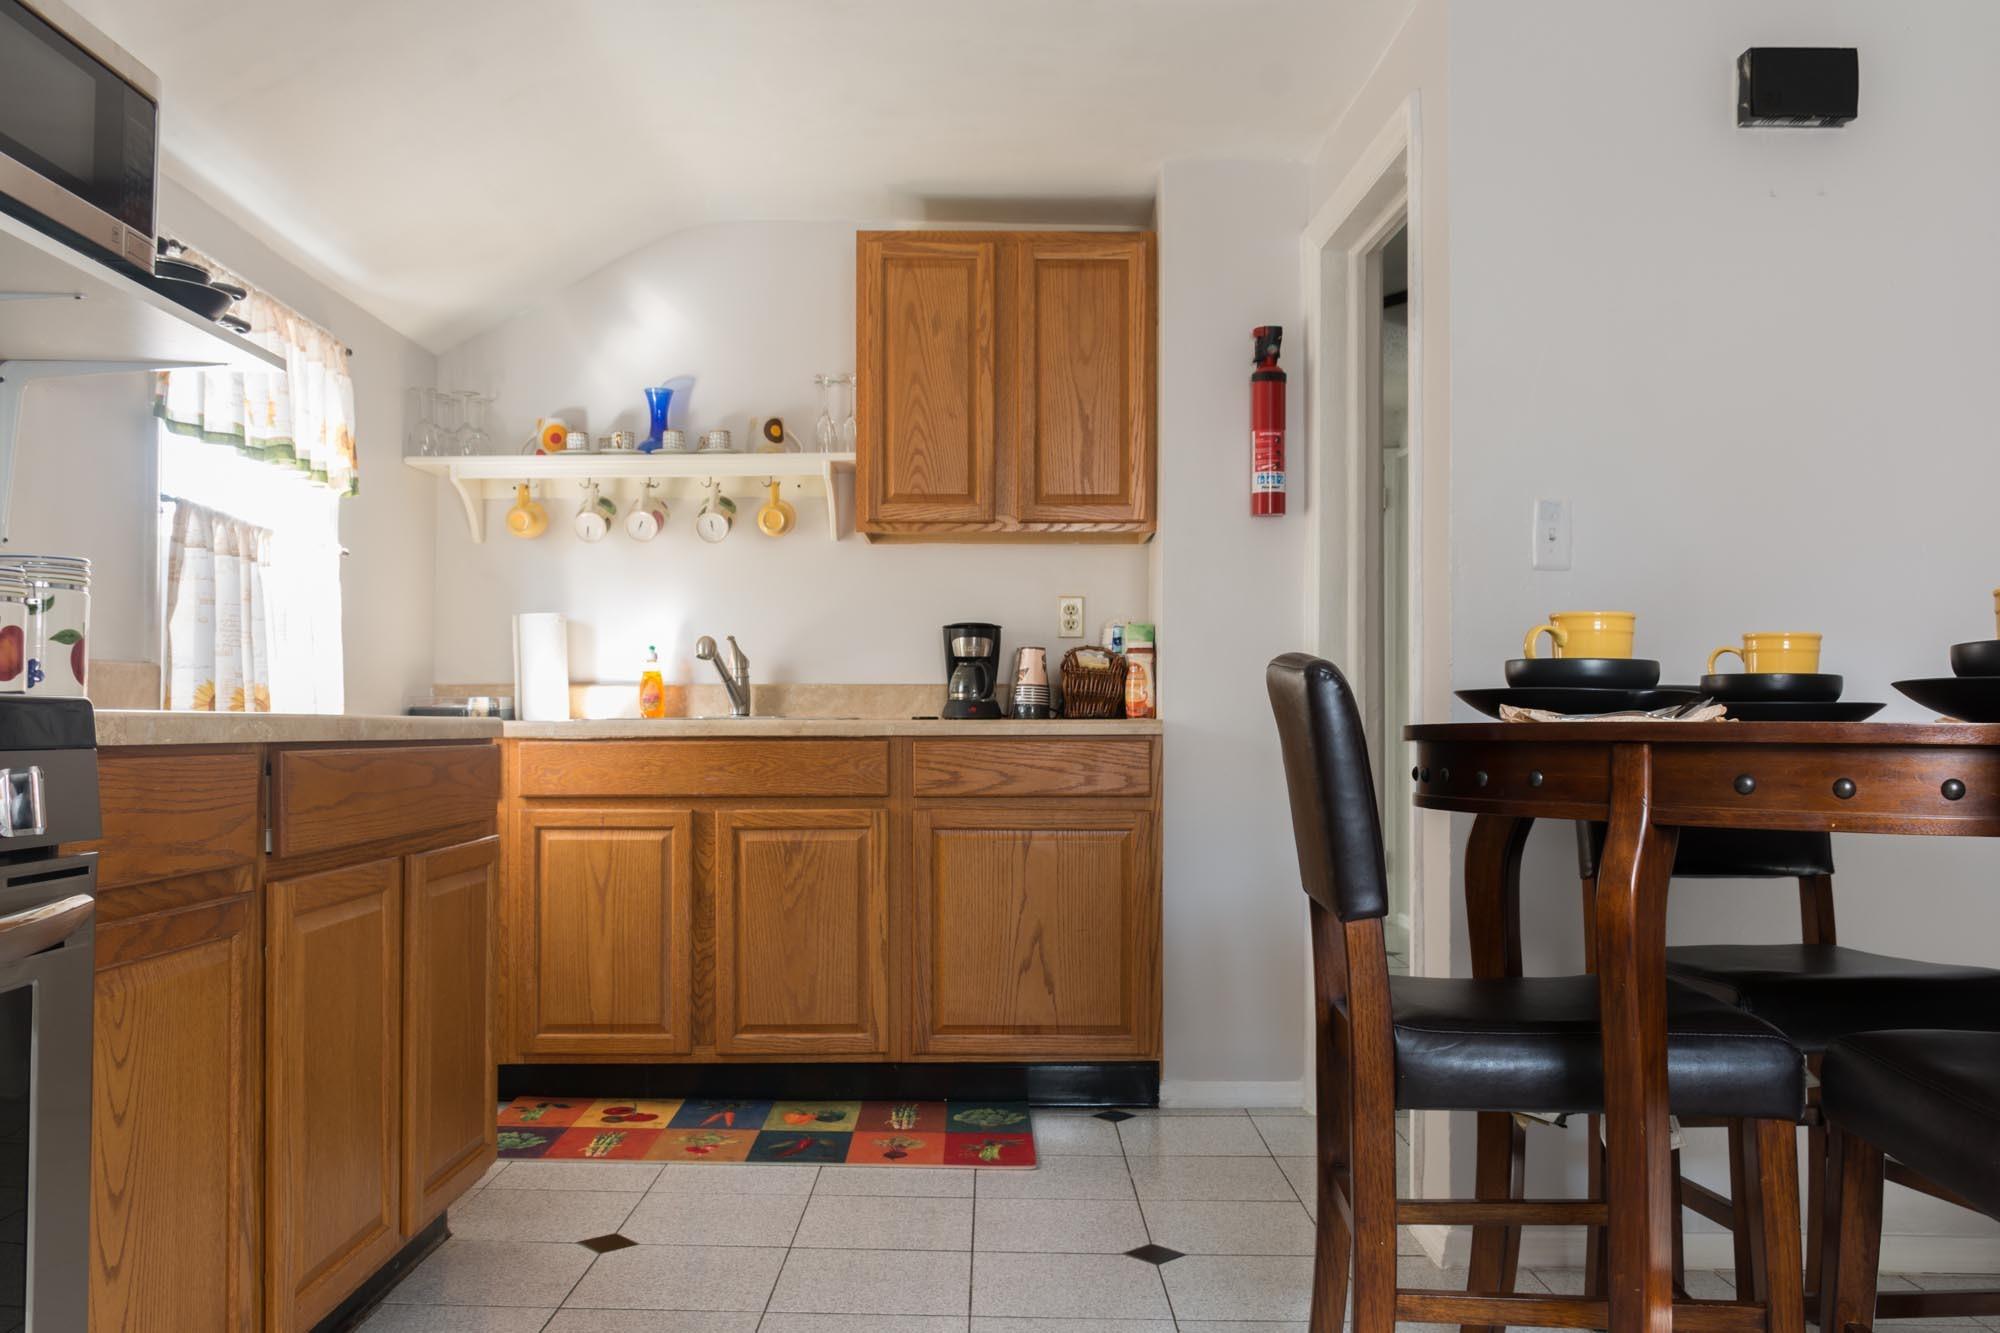 Как расставить кухонную мебель в однокомнатной квартире